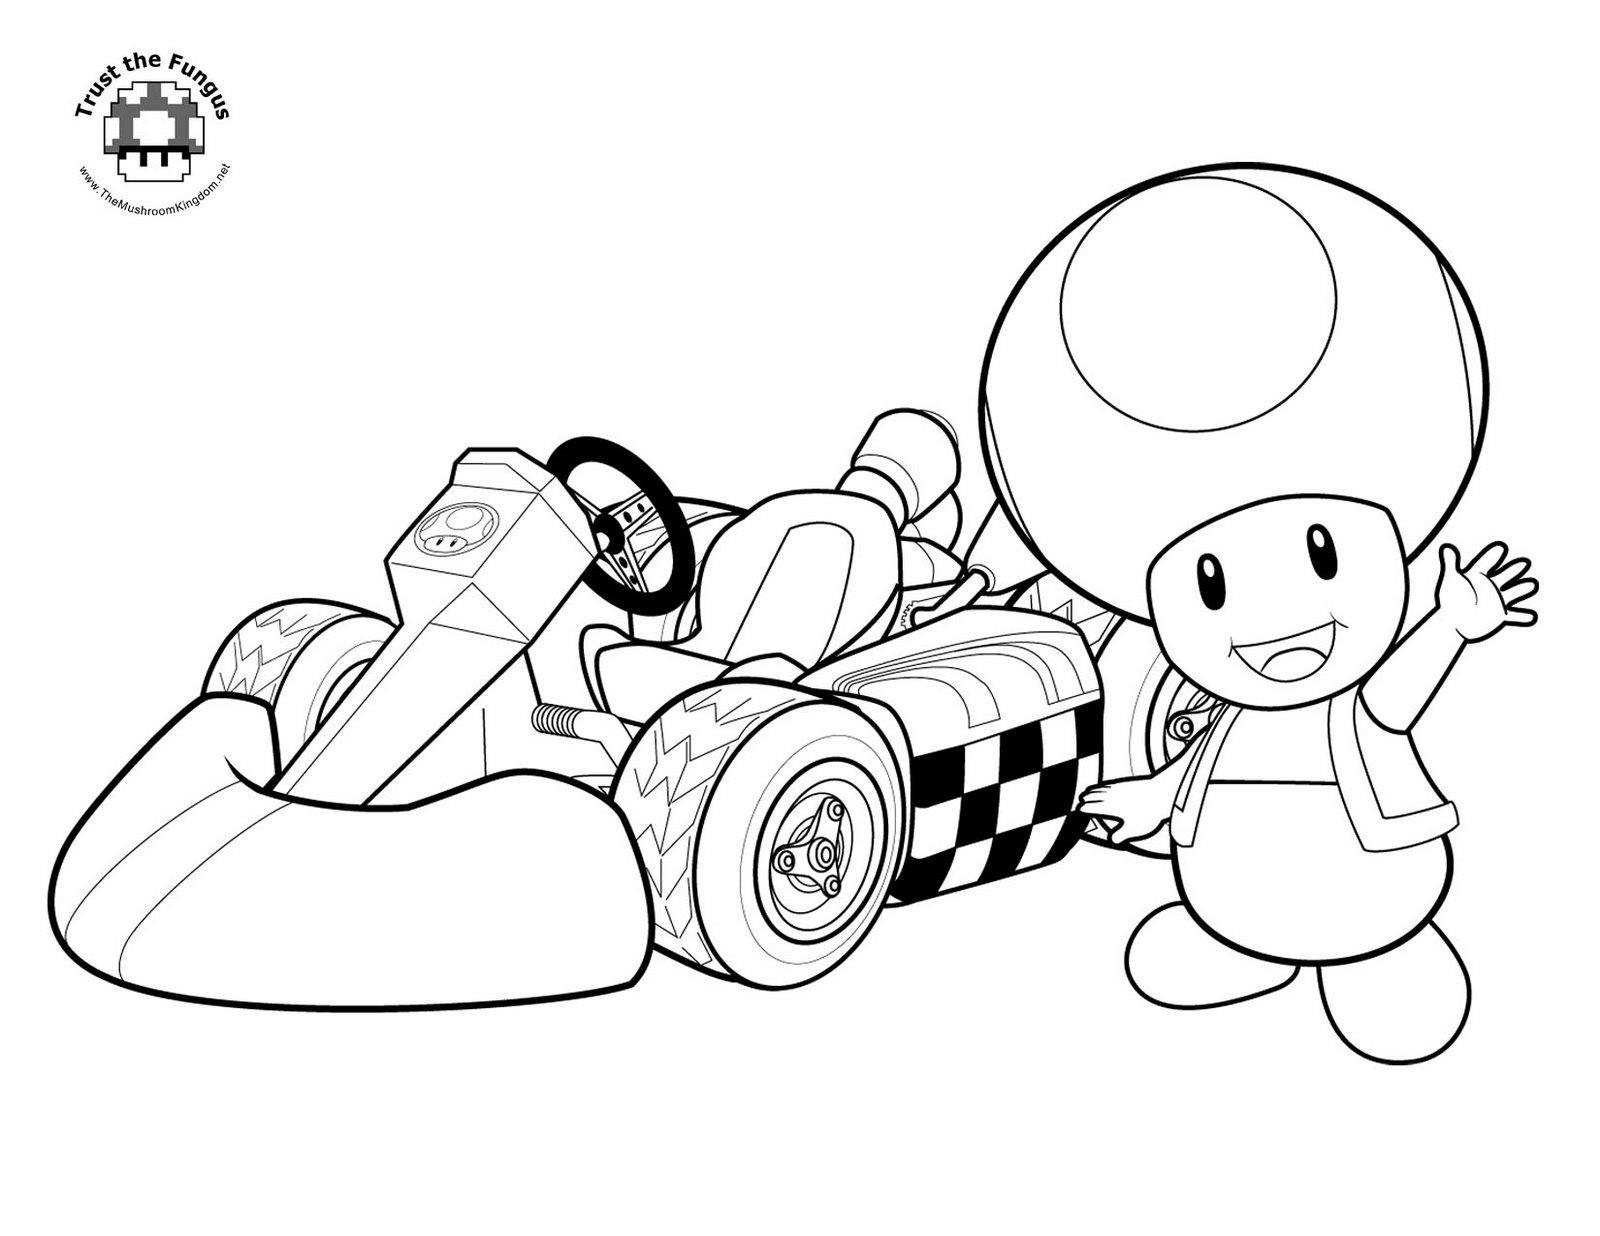 Coloriage Mario Kart Toad